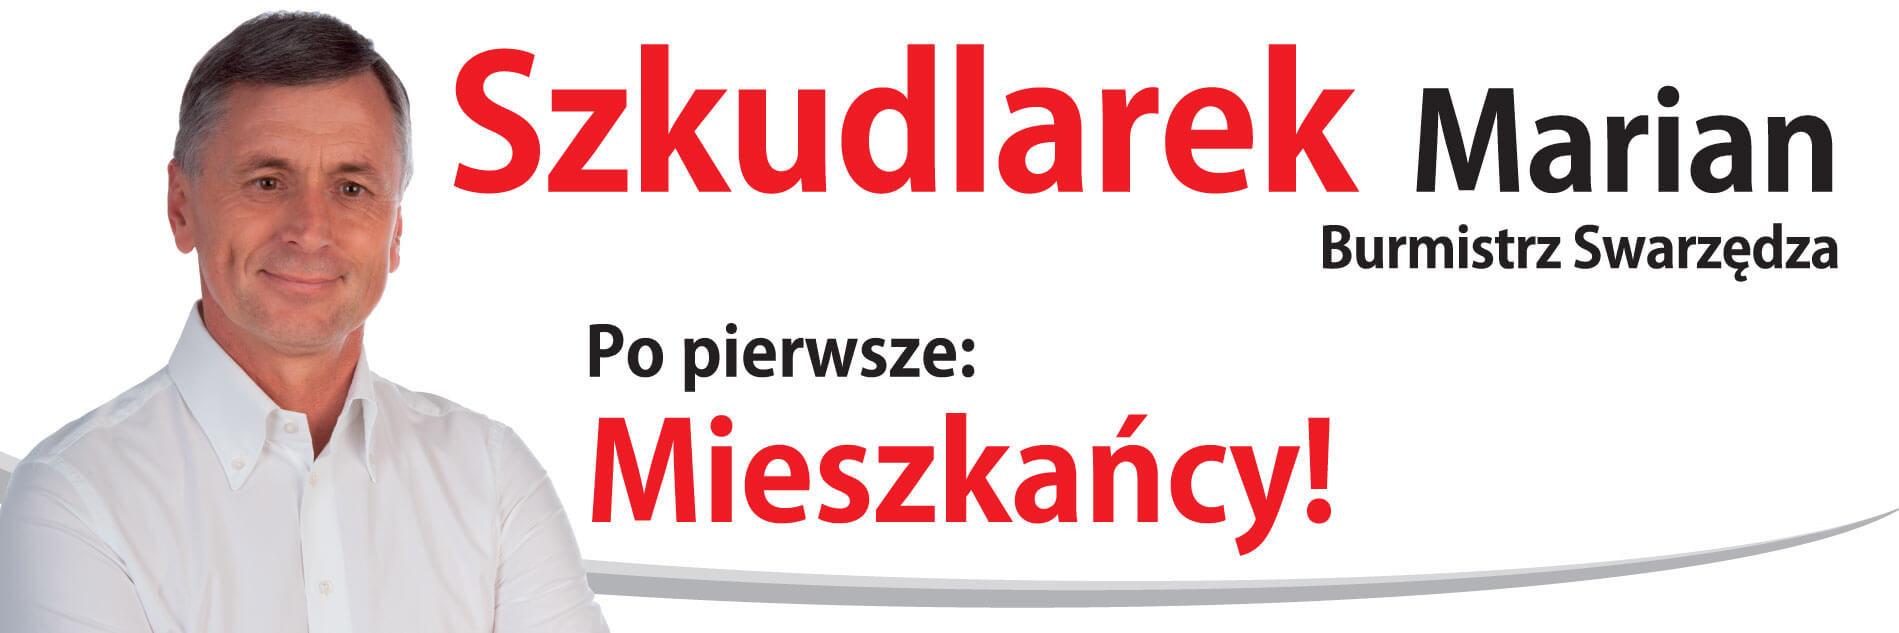 Marian Szkudlarek